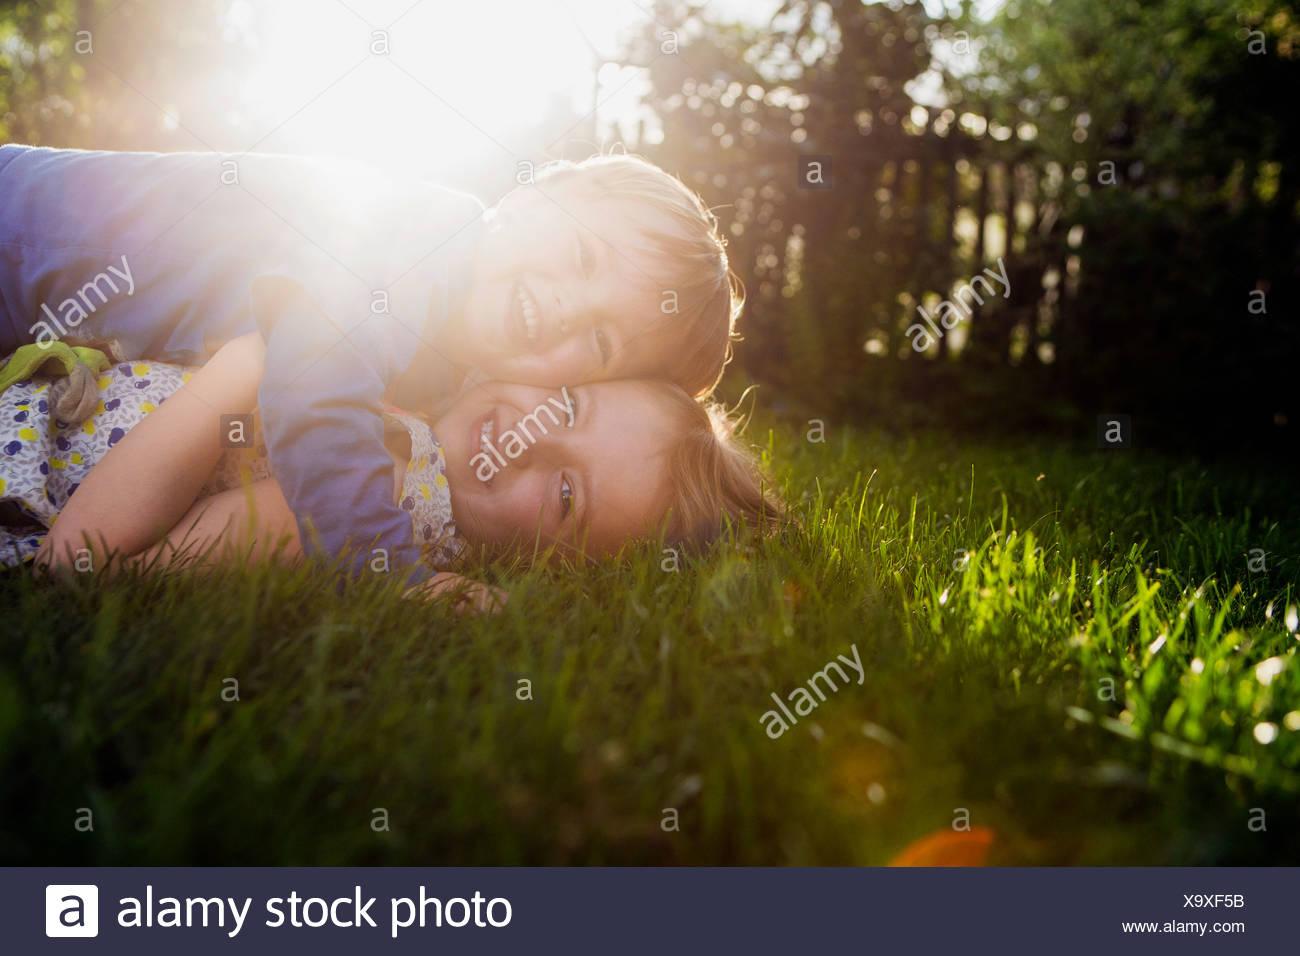 Bruder und Schwester liegen auf dem Rasen, umarmen Stockbild